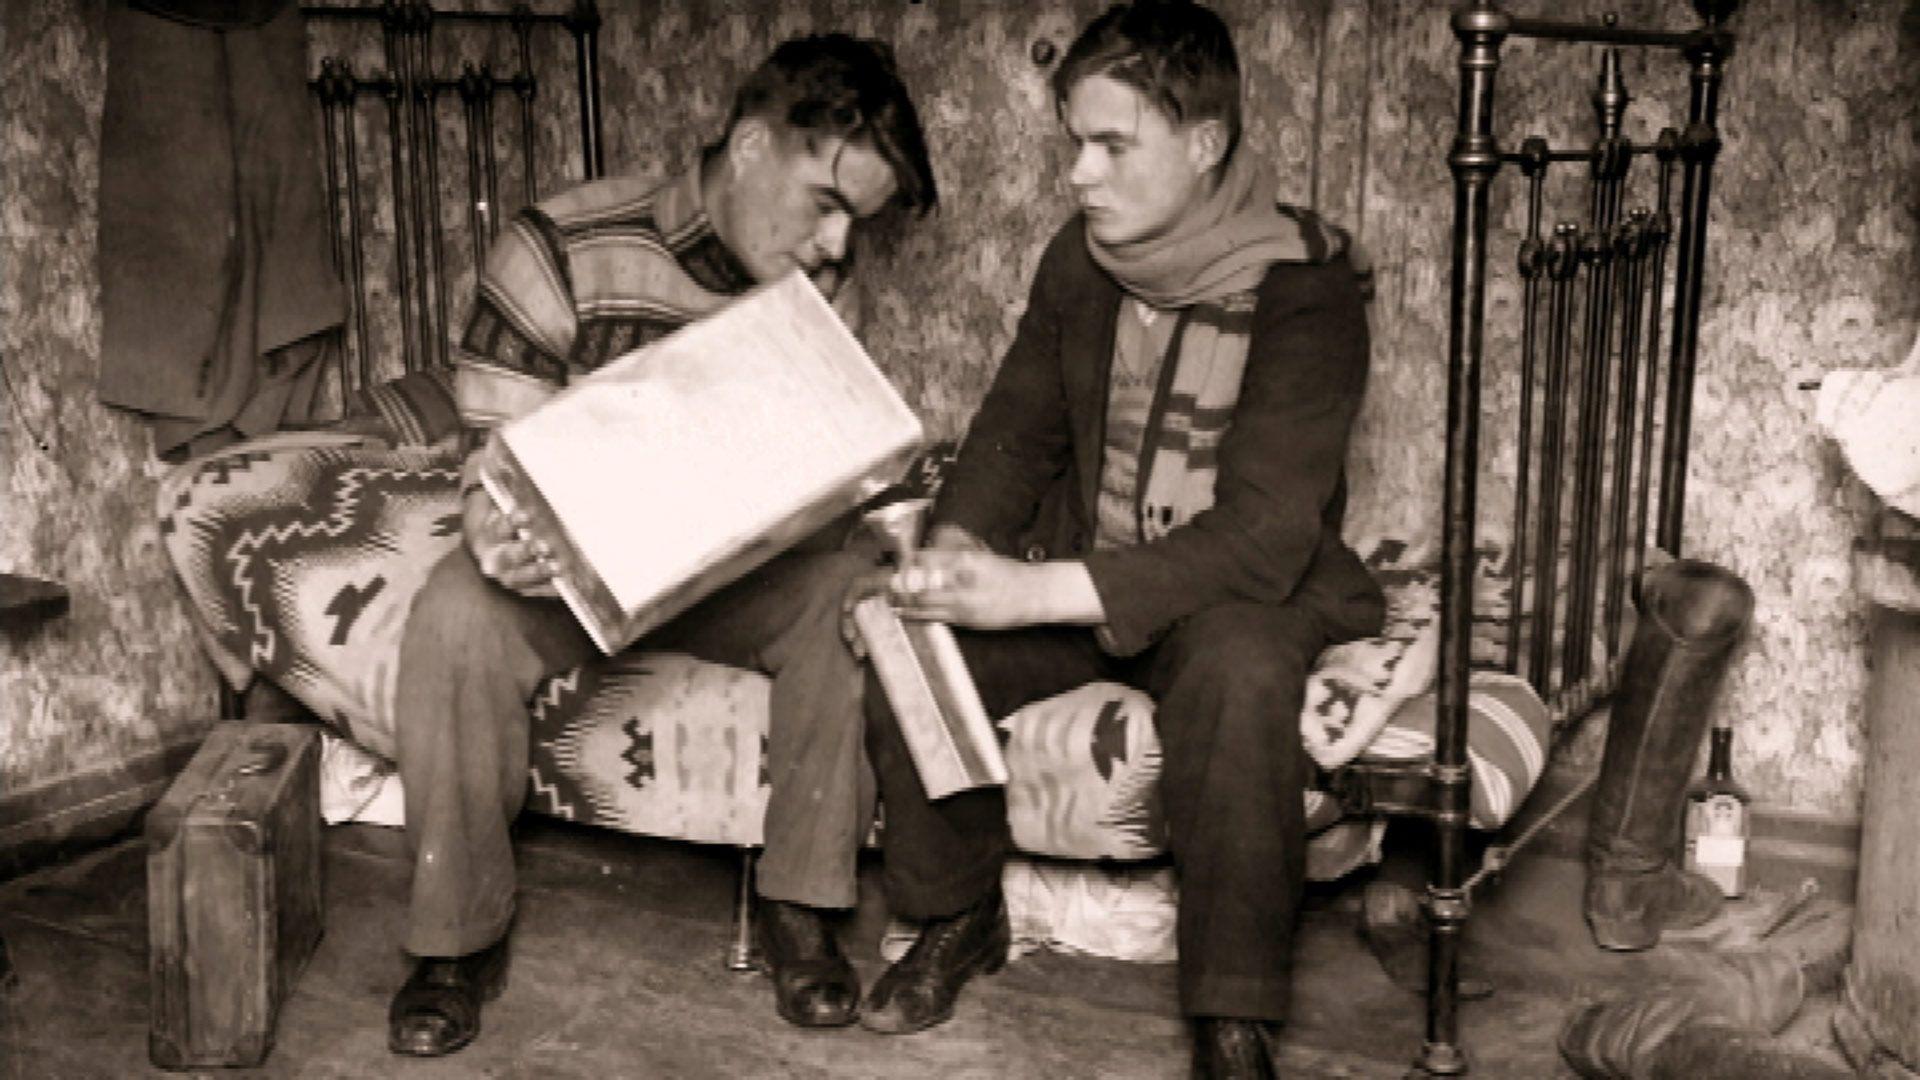 Kaksi miestä ja pirtukanisteri. Kuva: Rikosmuseo. Käyttöoikeus vain tämän artikkelin yhteydessä.